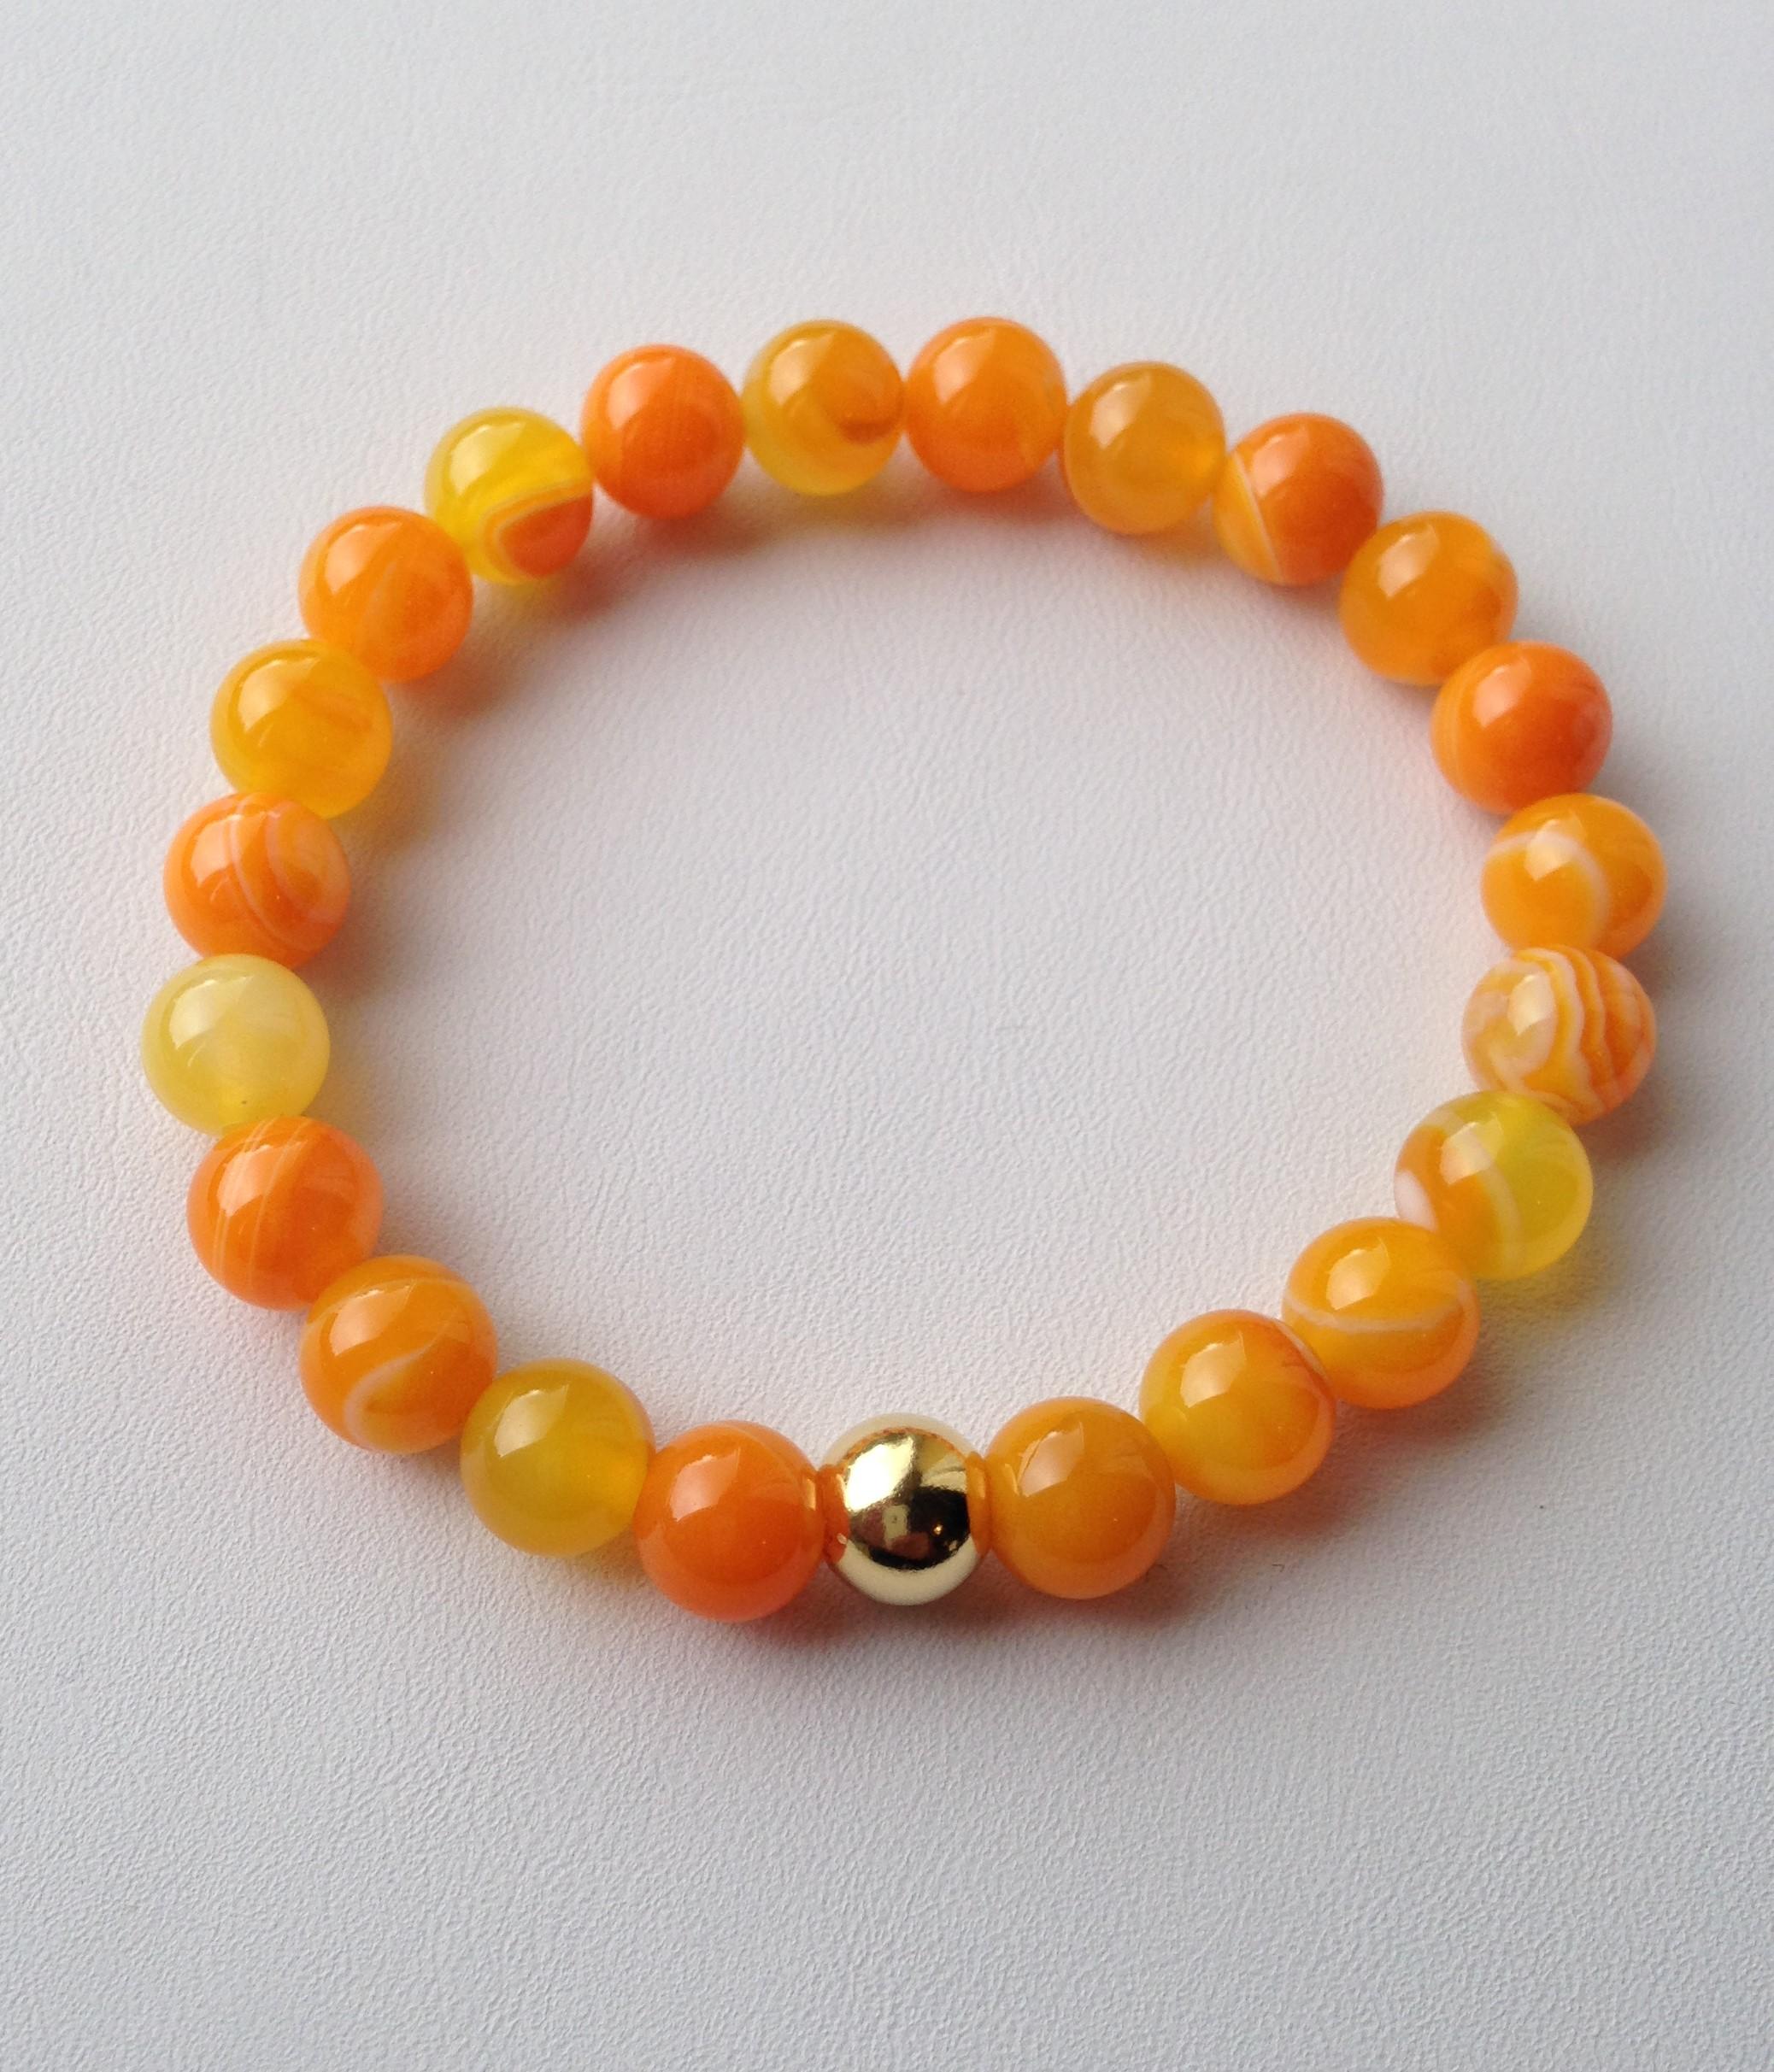 العقيق البرتقالي